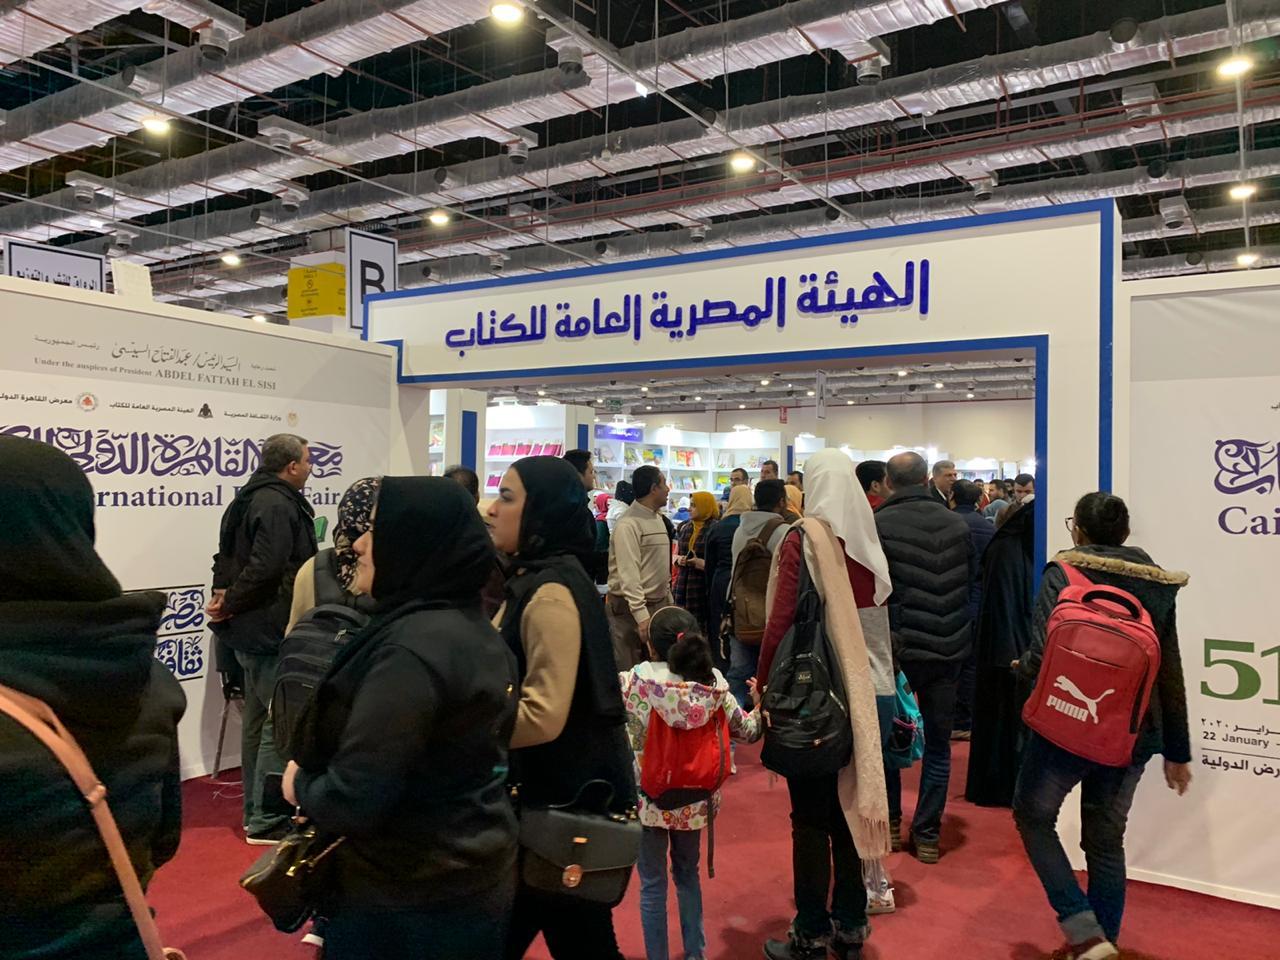 المصريون يبدأون يوم جديد فى معرض القاهرة للكتاب  (1)